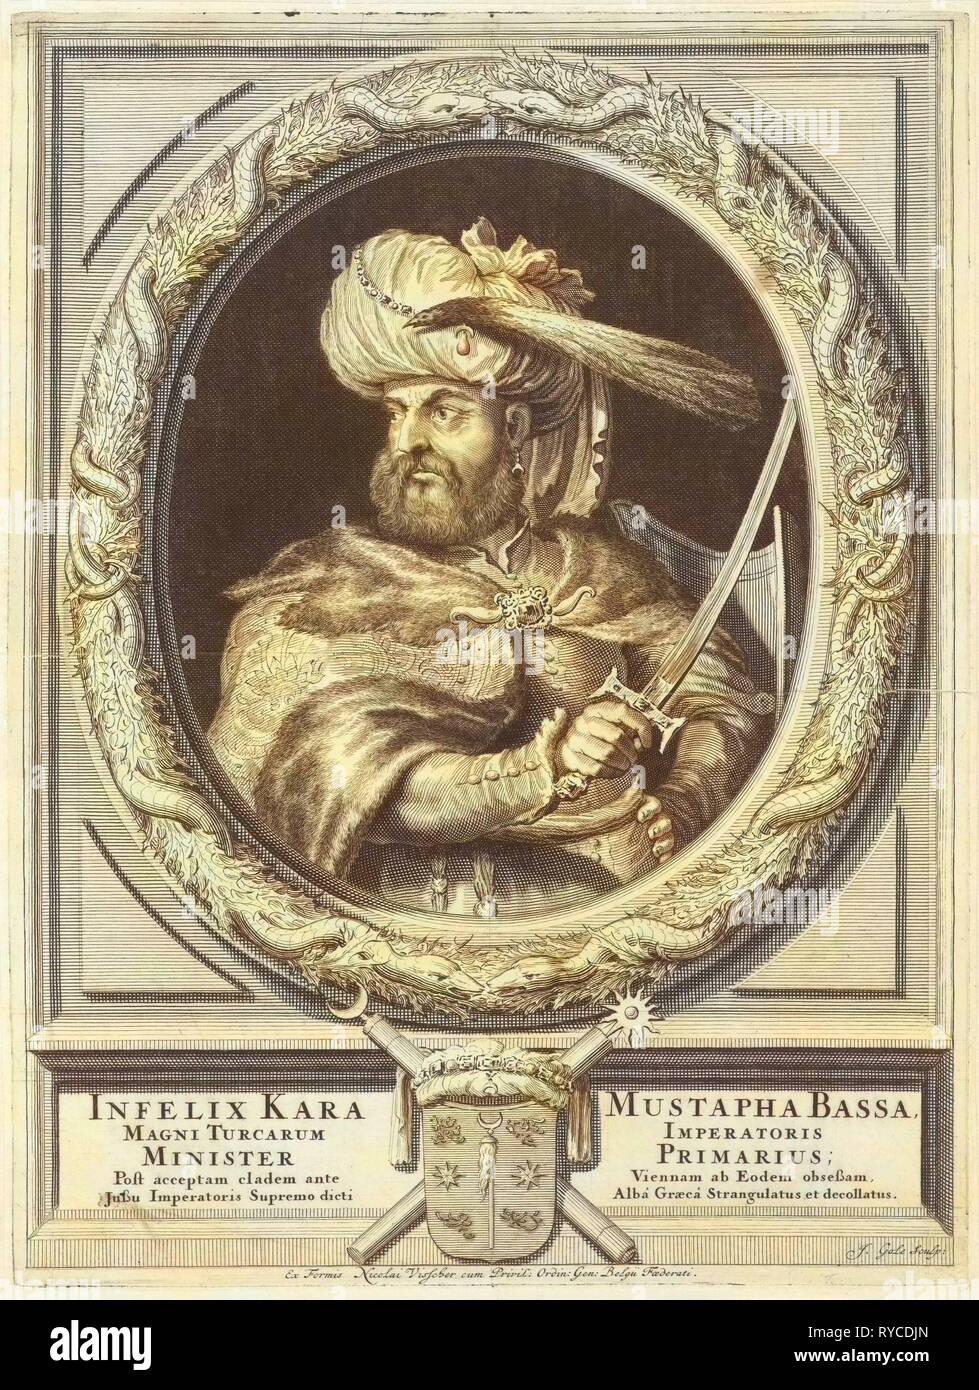 Portrait of Kara Mustafa Pasha, Jacob Gole, Nicolaas Visscher (II), Republiek der Zeven Verenigde Nederlanden, 1670 - 1724 - Stock Image